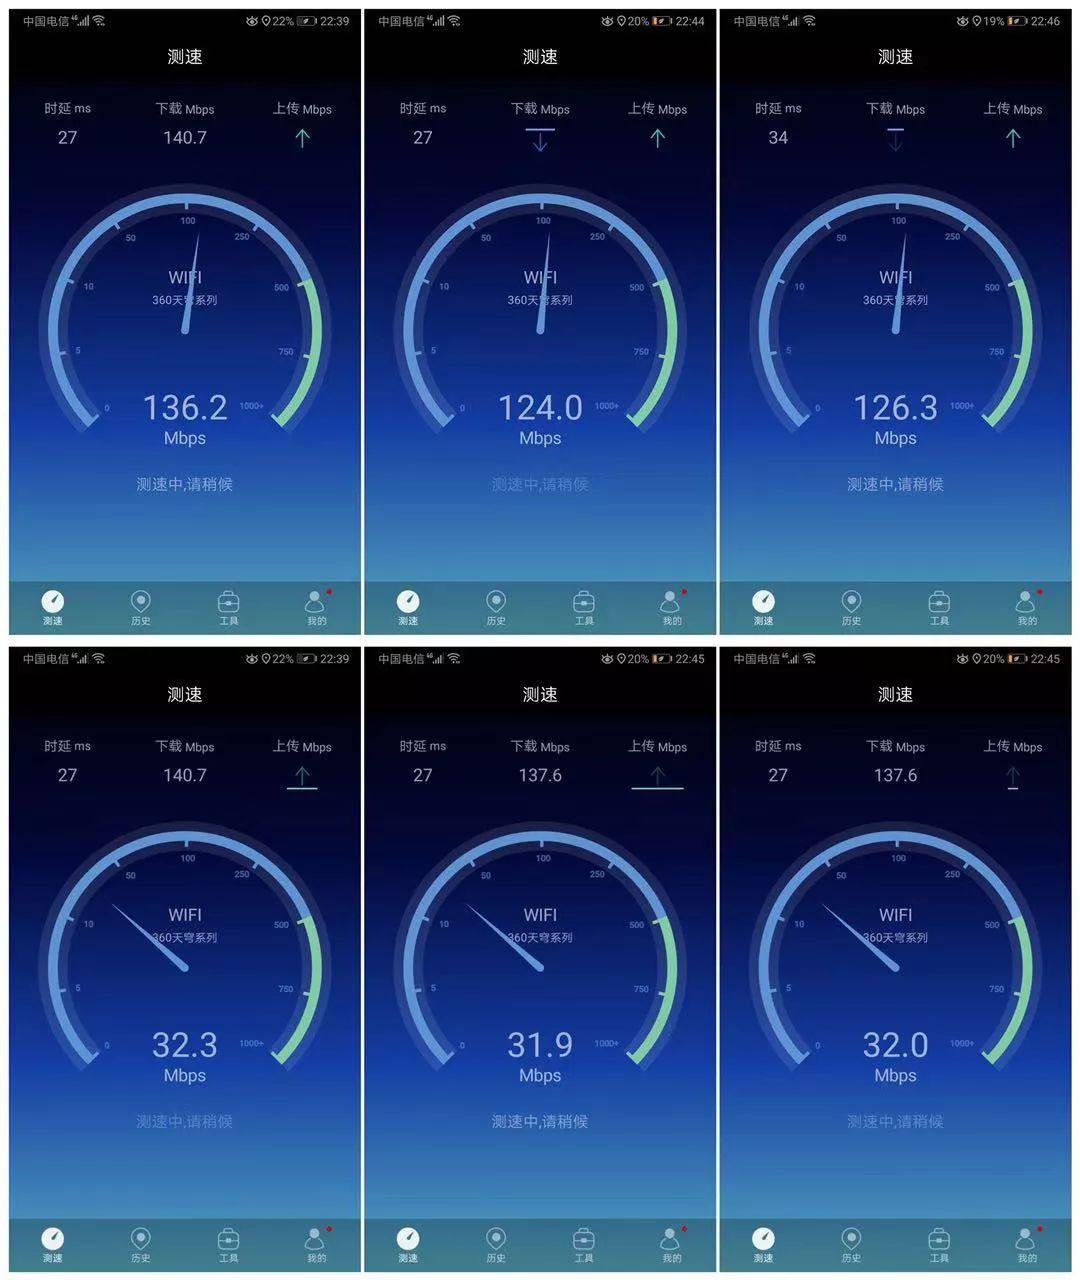 360全屋路由子母装评测:WIFI全覆盖 安全无忧虑